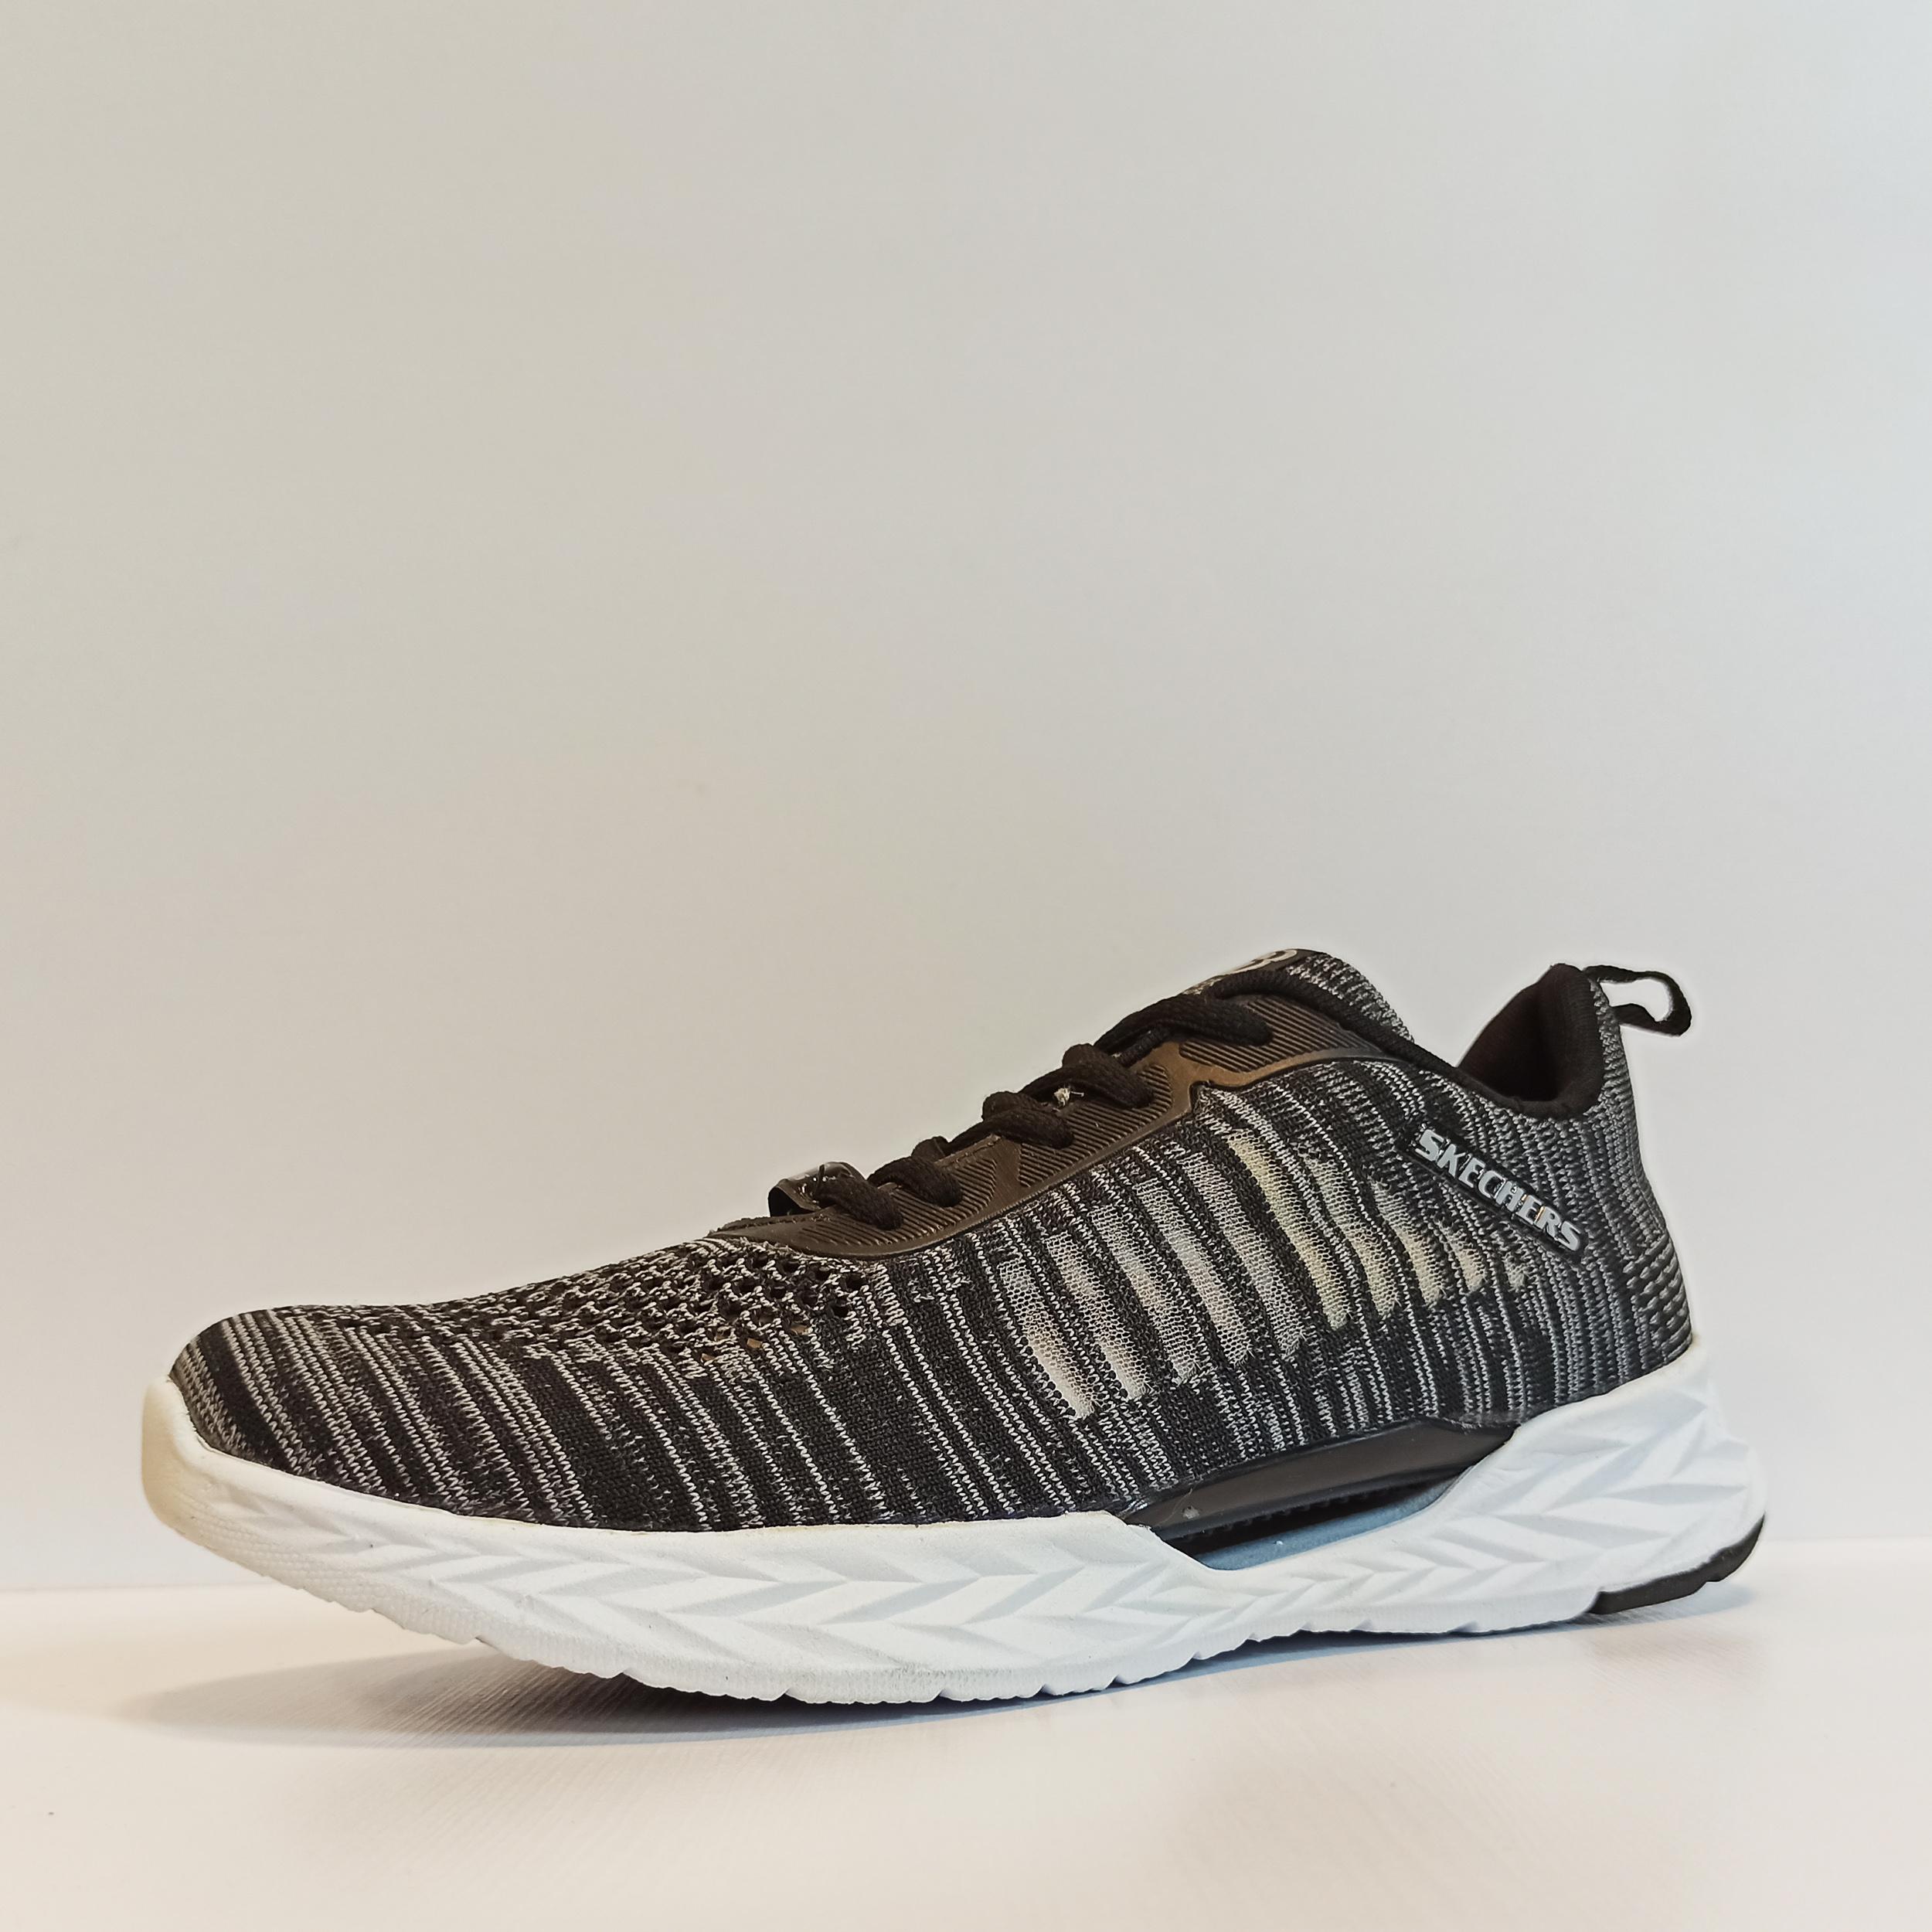 خرید                                      کفش پیاده روی مردانه مدل BT03                     غیر اصل